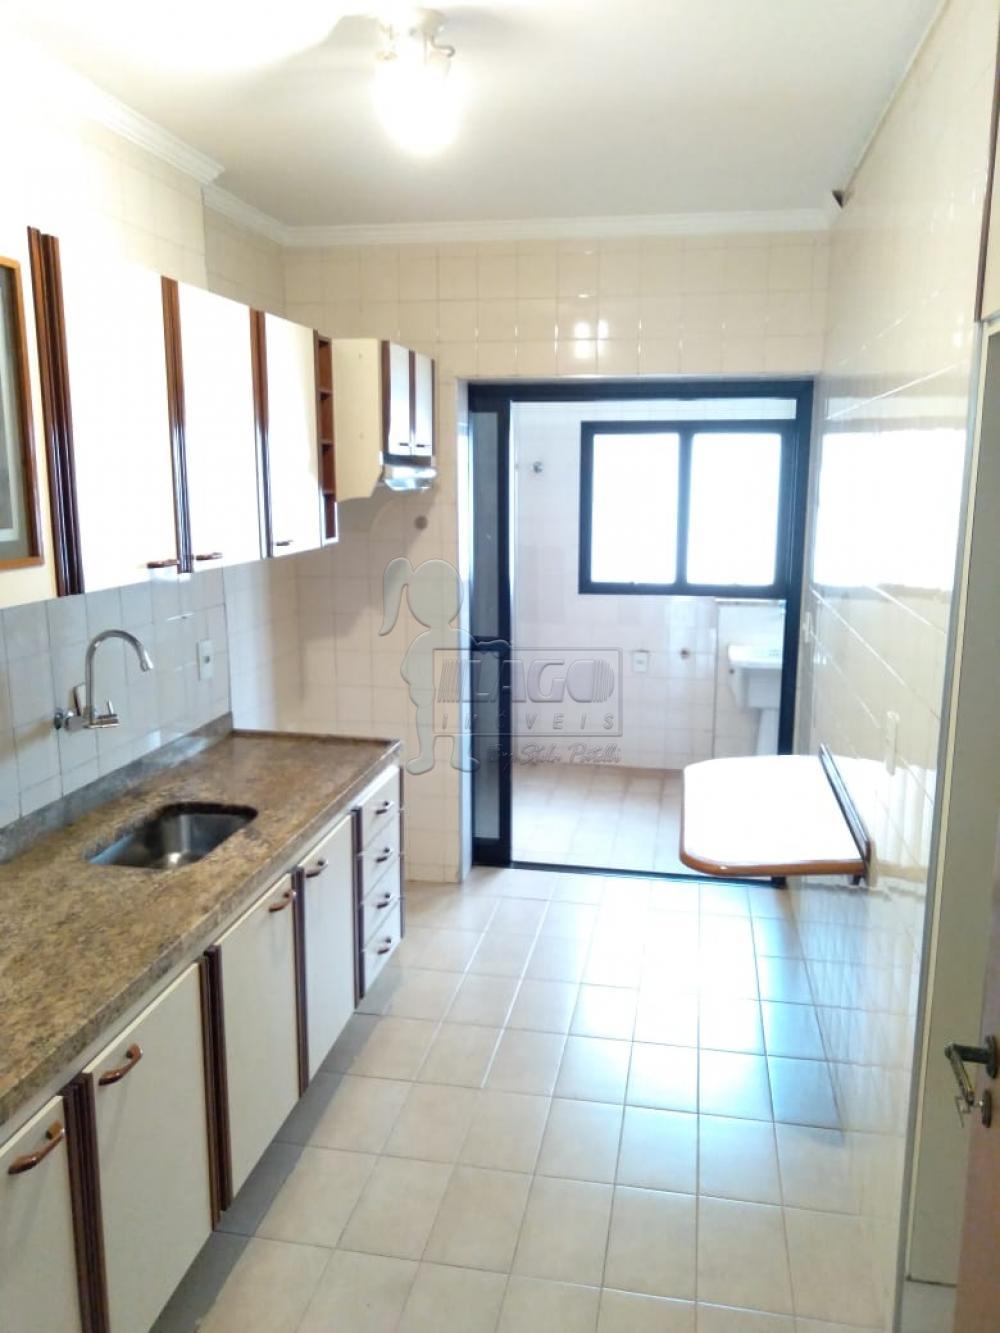 Alugar Apartamento / Padrão em Ribeirão Preto R$ 1.300,00 - Foto 14